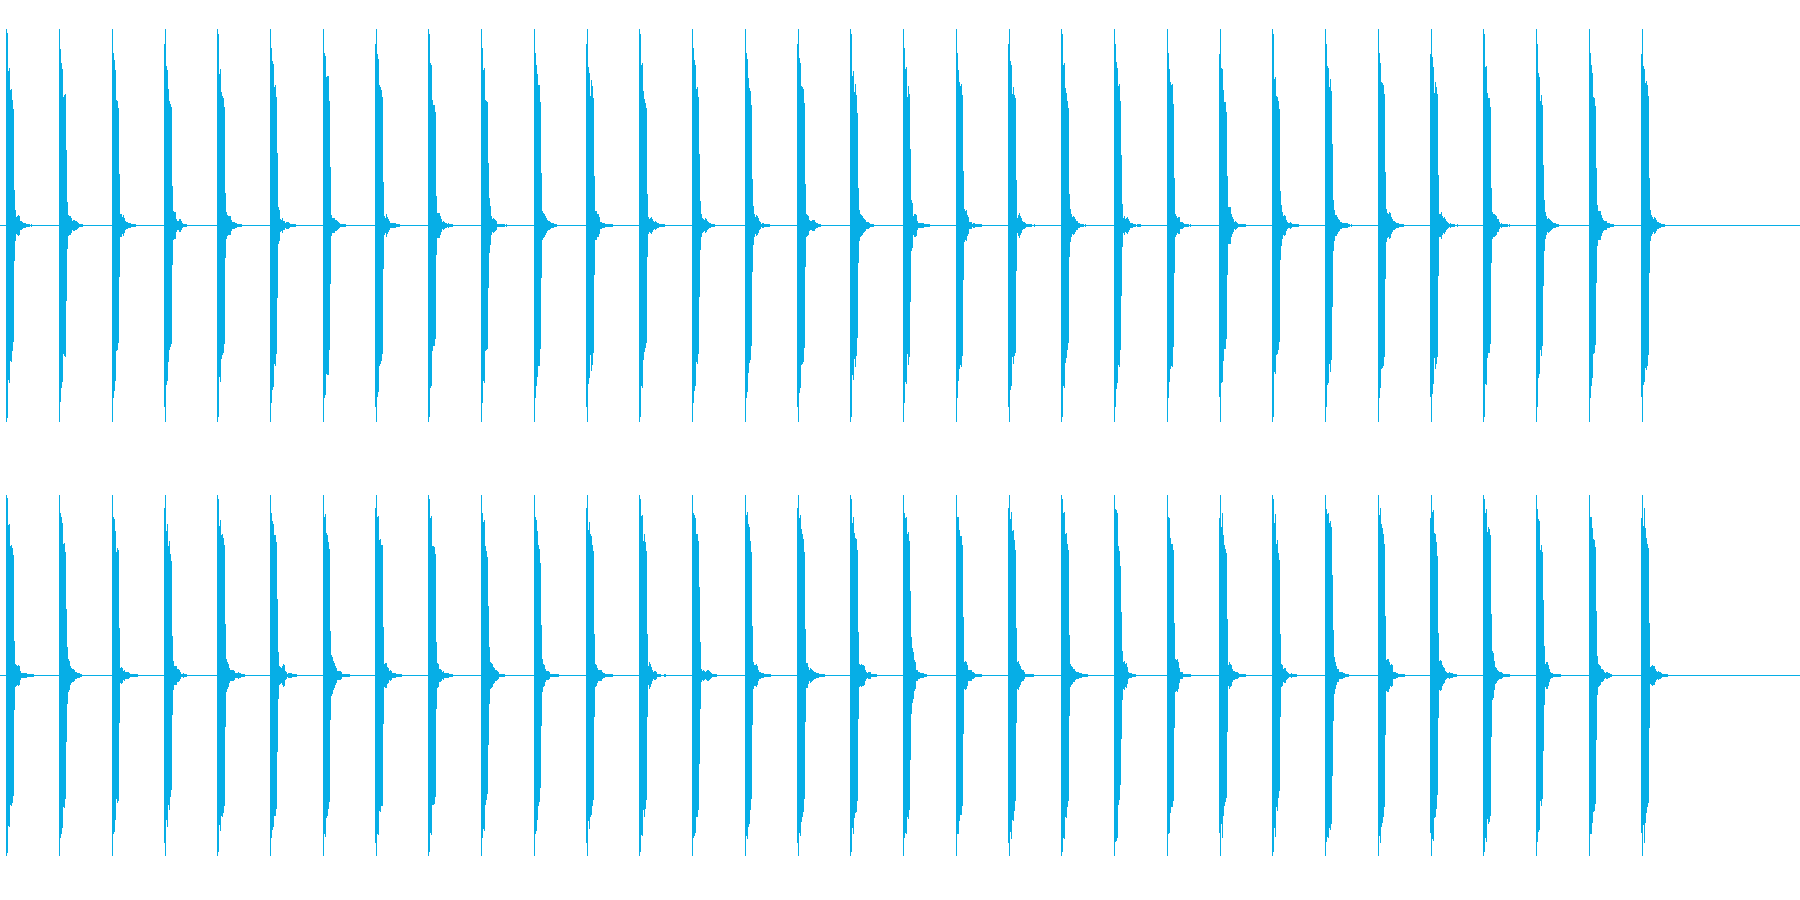 心電図の音-4-3(BPM60)の再生済みの波形